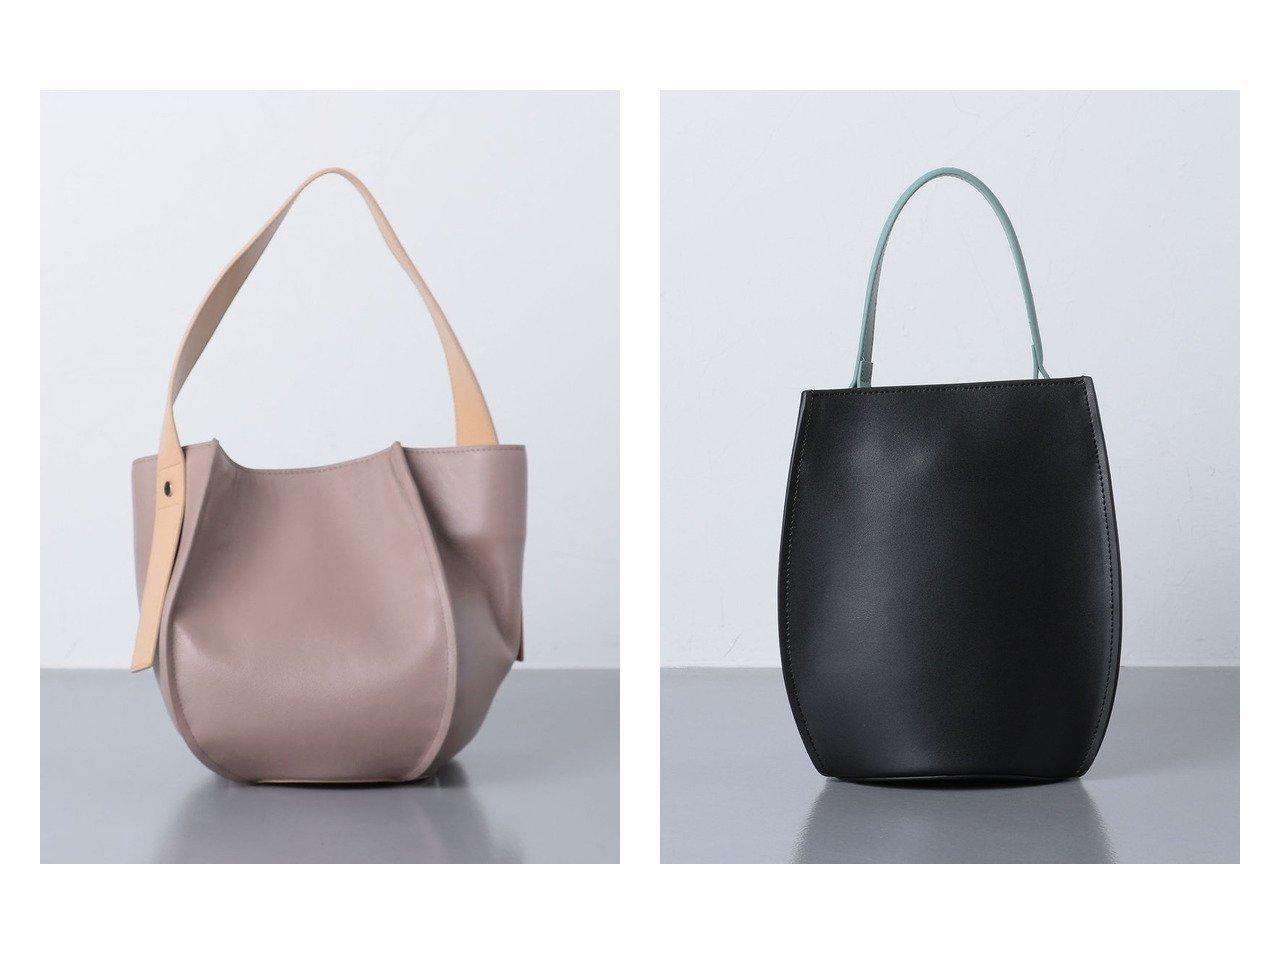 【UNITED ARROWS/ユナイテッドアローズ】の【別注】 the dilettante(ディレッタント) ワンハンドル バッグ&【別注】 the dilettante(ディレッタント) 2WAY SLD バケットバッグ バッグ・鞄のおすすめ!人気、トレンド・レディースファッションの通販 おすすめで人気の流行・トレンド、ファッションの通販商品 メンズファッション・キッズファッション・インテリア・家具・レディースファッション・服の通販 founy(ファニー) https://founy.com/ ファッション Fashion レディースファッション WOMEN バッグ Bag NEW・新作・新着・新入荷 New Arrivals S/S 春夏 SS Spring/Summer アシンメトリー ハンドバック ハンドバッグ 別注 春 Spring |ID:crp329100000015342